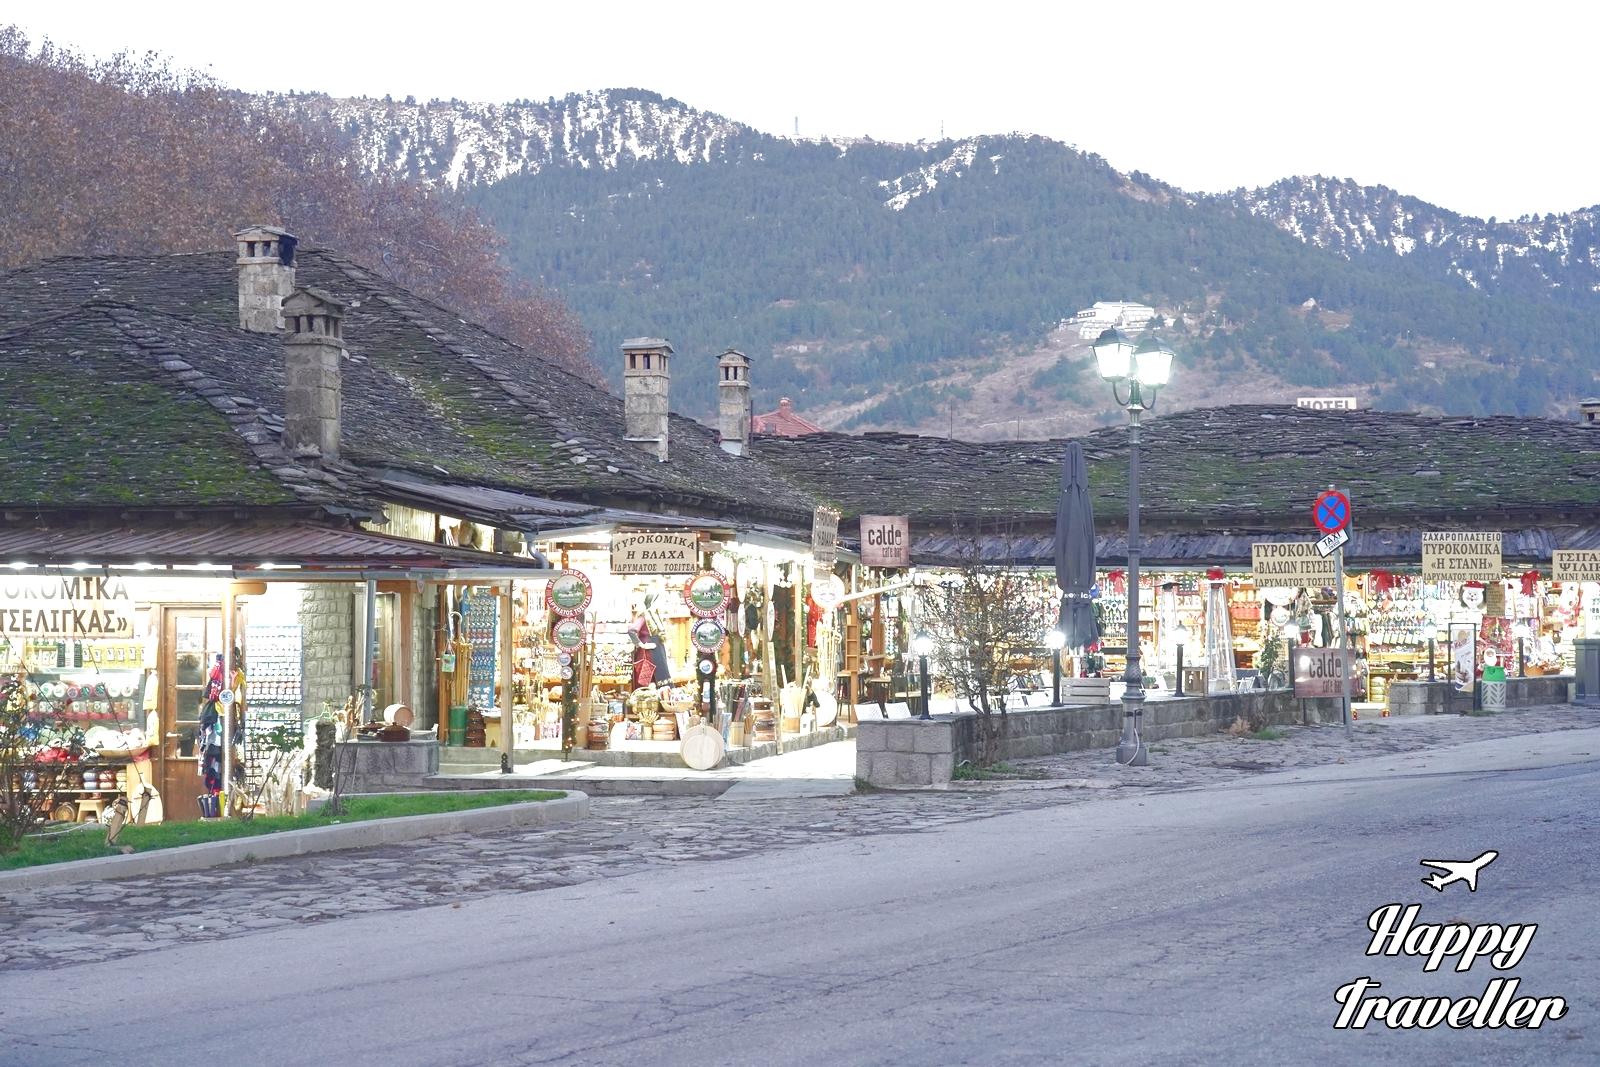 Τουριστικά μαγαζιά του Μετσόβου